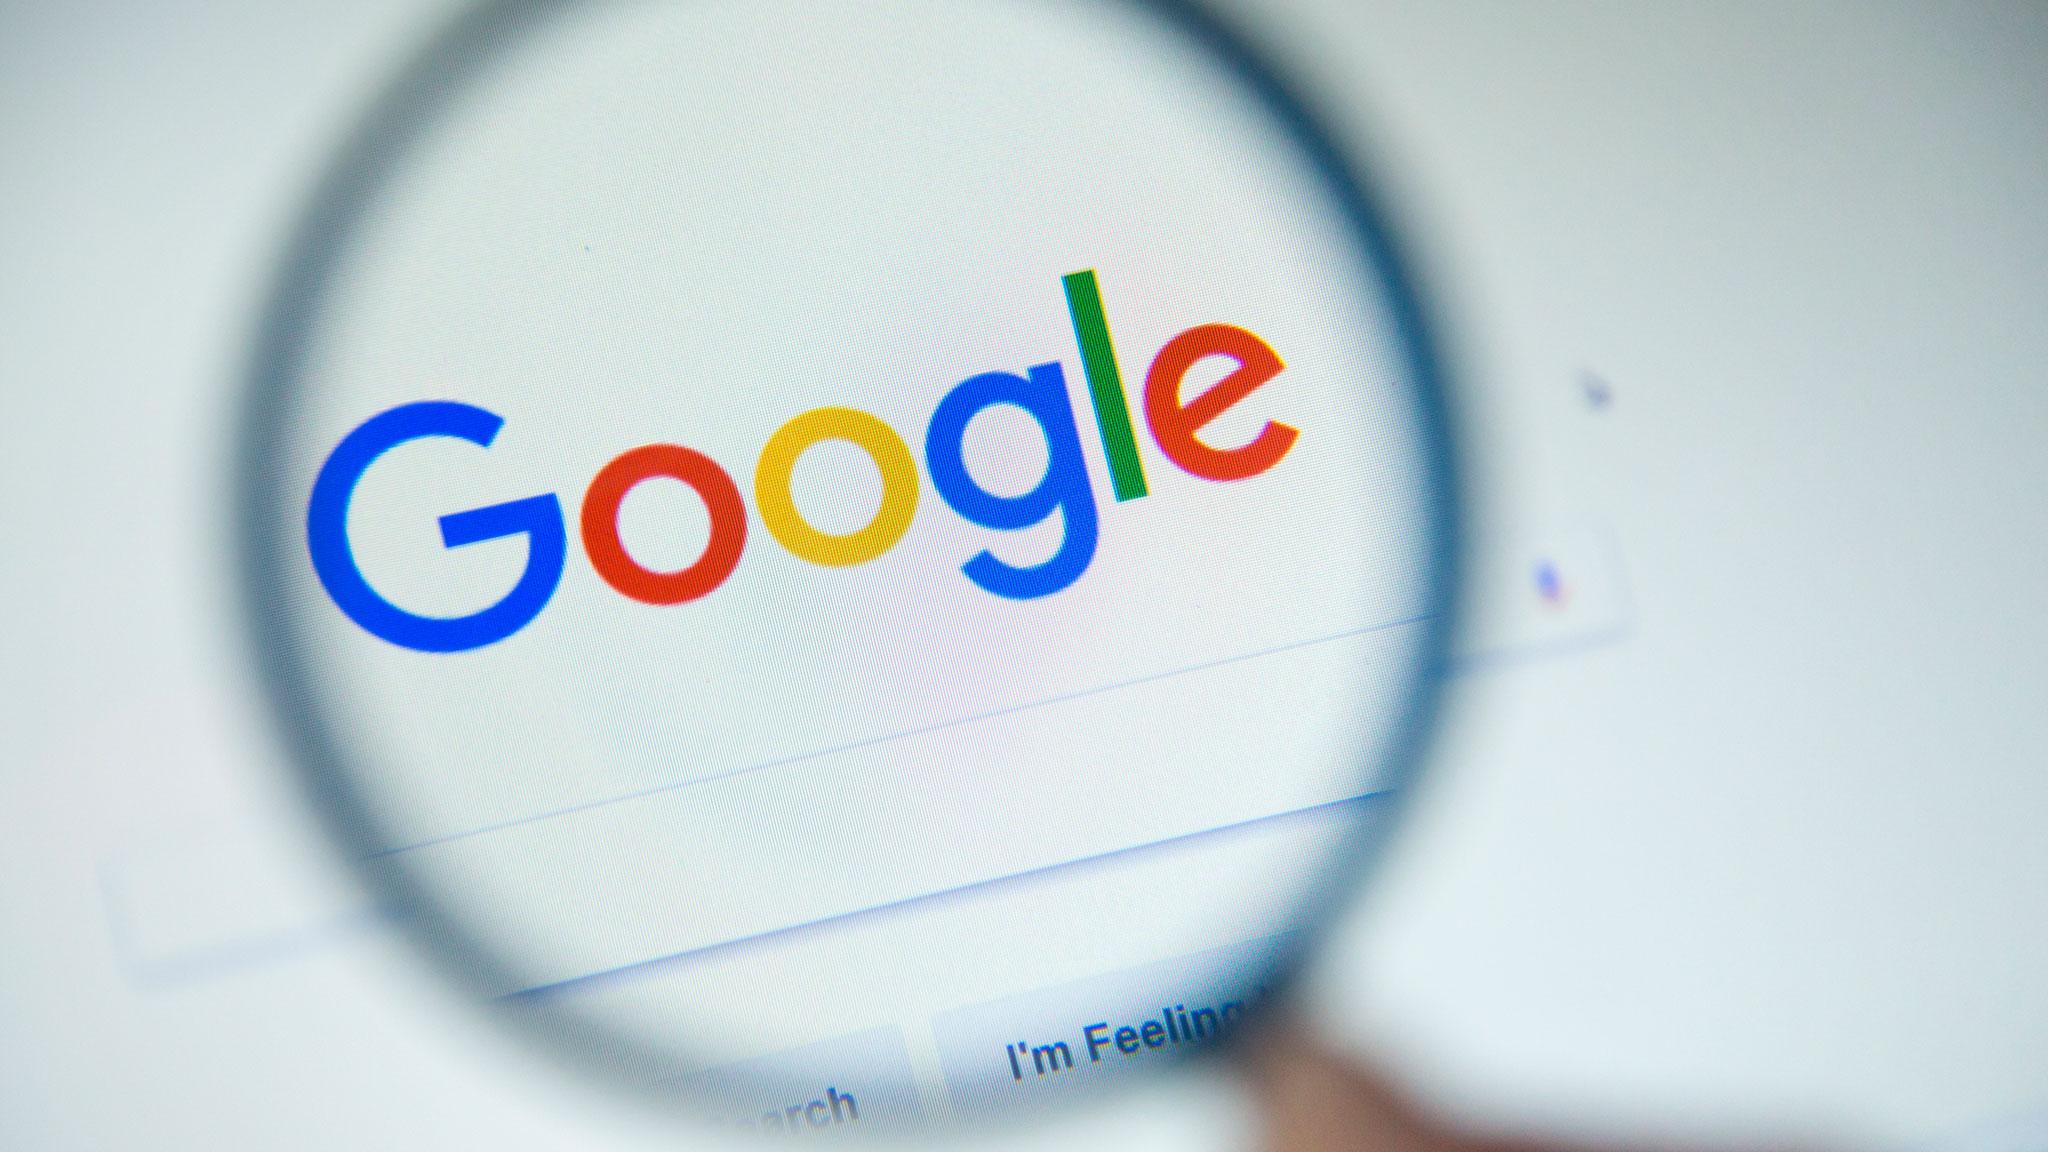 Роскомнадзор вновь обнаружил, что Google не удаляет из поиска запрещенный контент